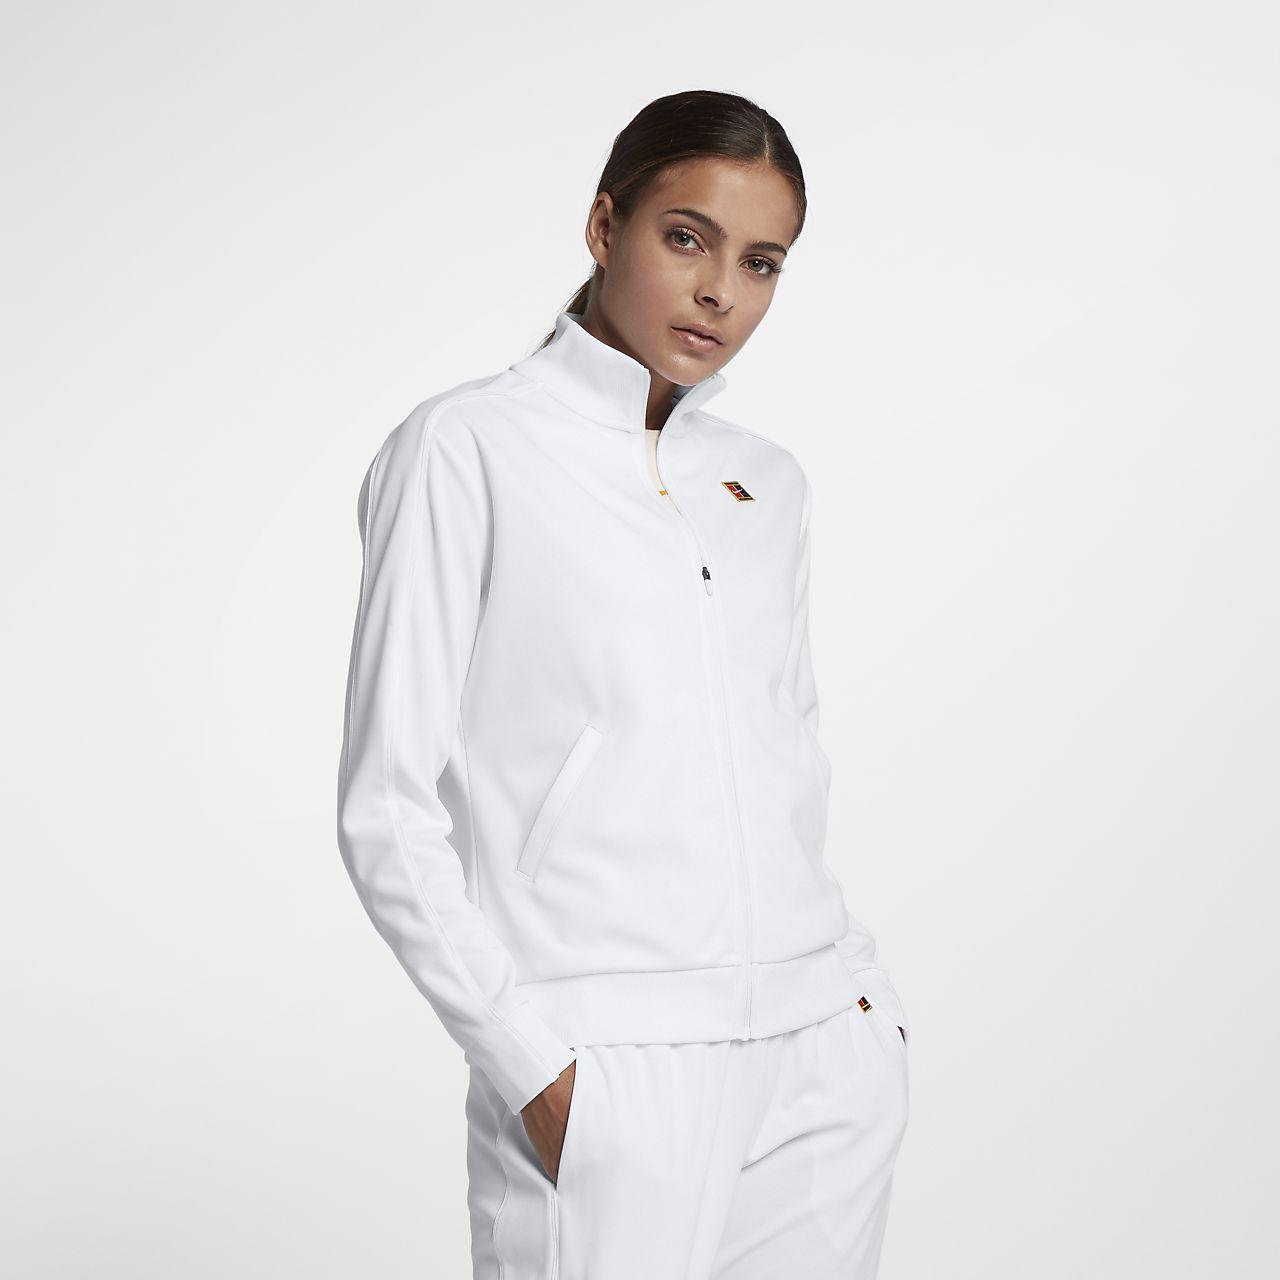 Blusão de ténis NikeCourt para mulher